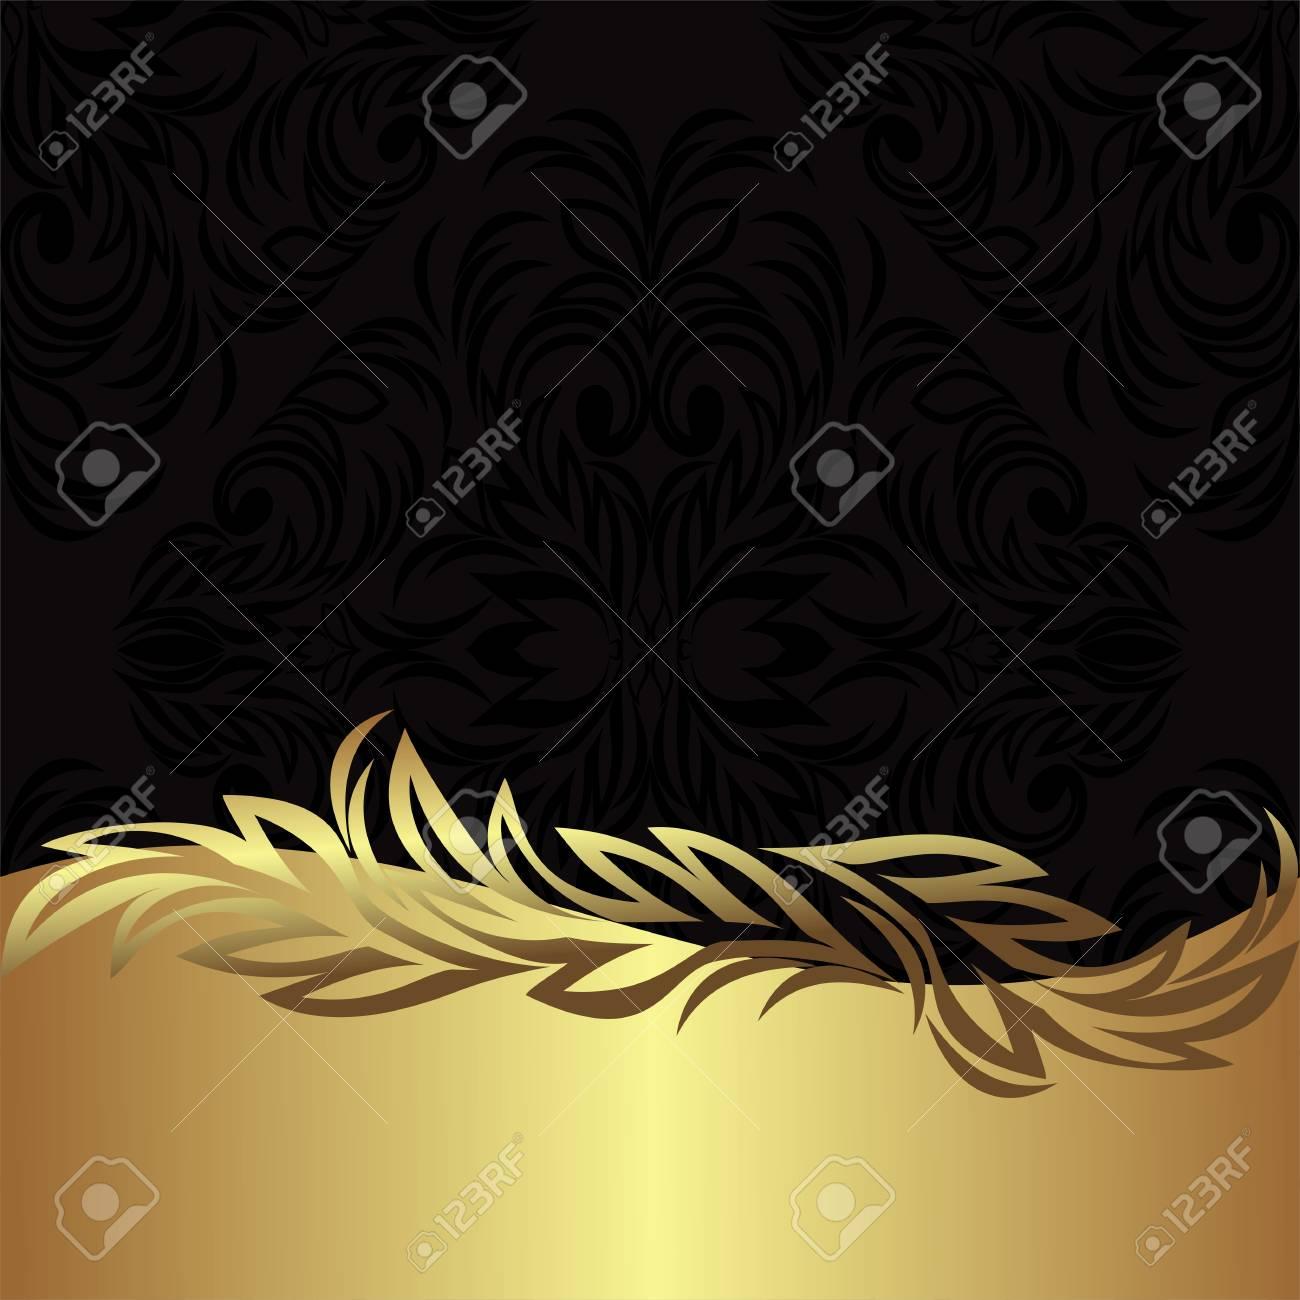 Elegant black ornamental Background with golden floral Border - 97509720